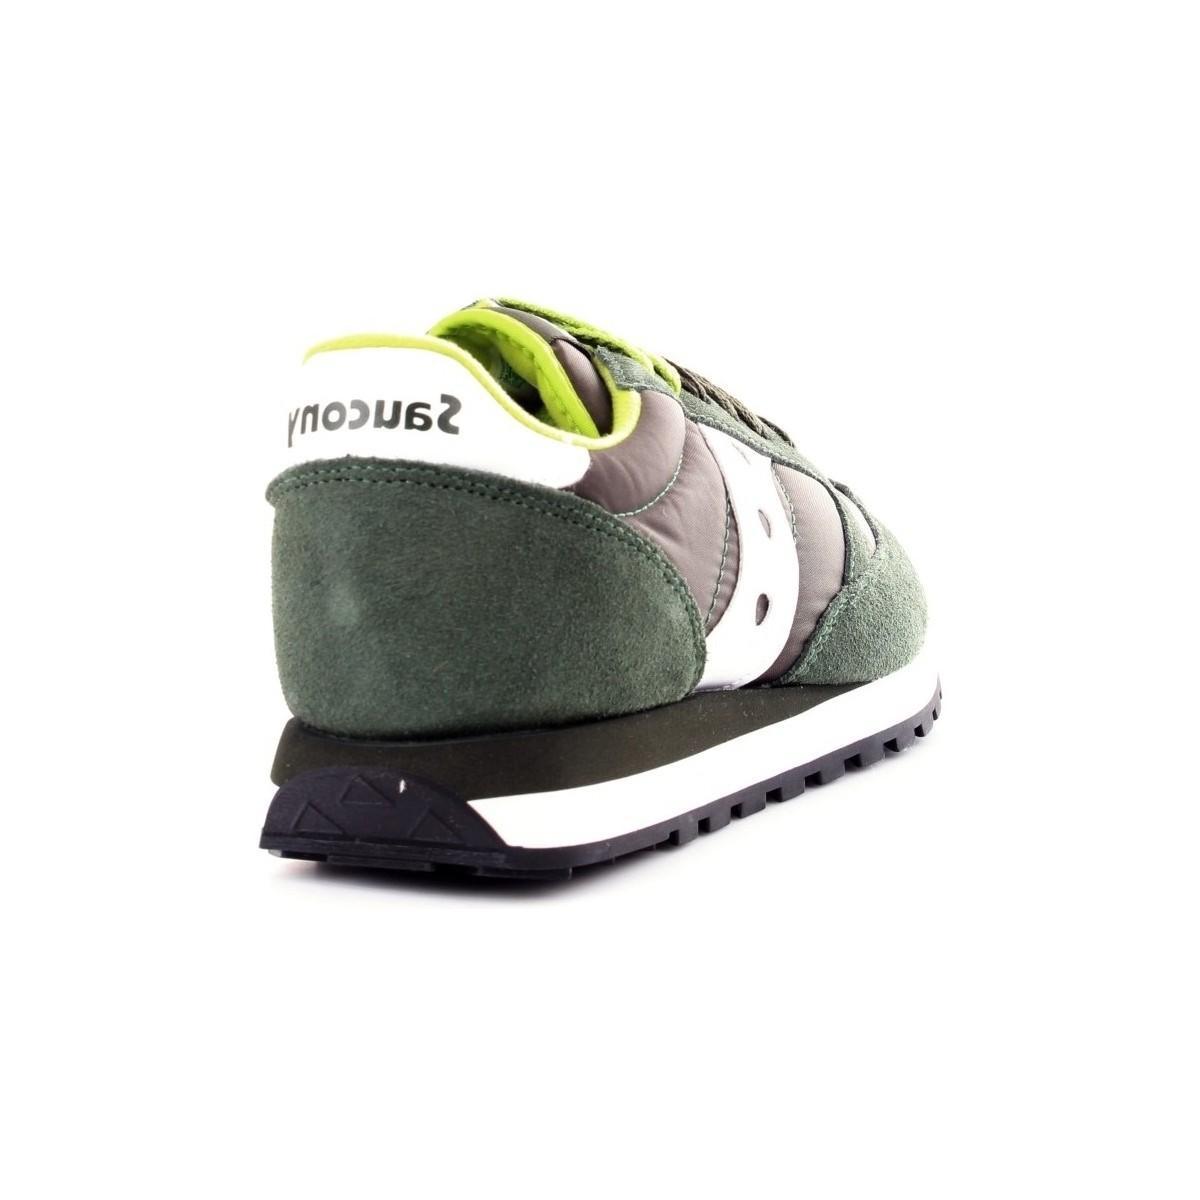 2044JAZZ Chaussures Saucony en coloris Vert